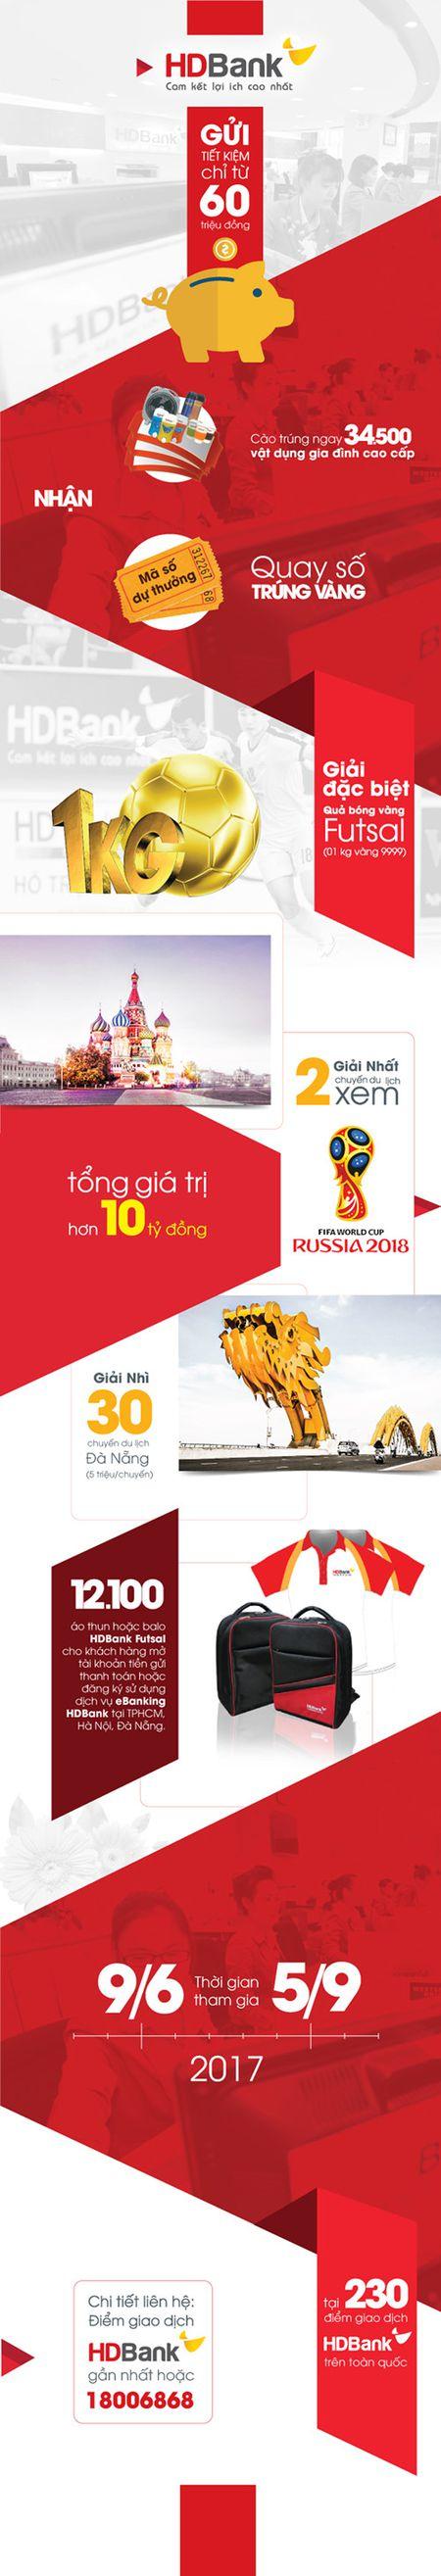 Gui tien, san bong vang ky, du hy WorldCup 2018 - Anh 2